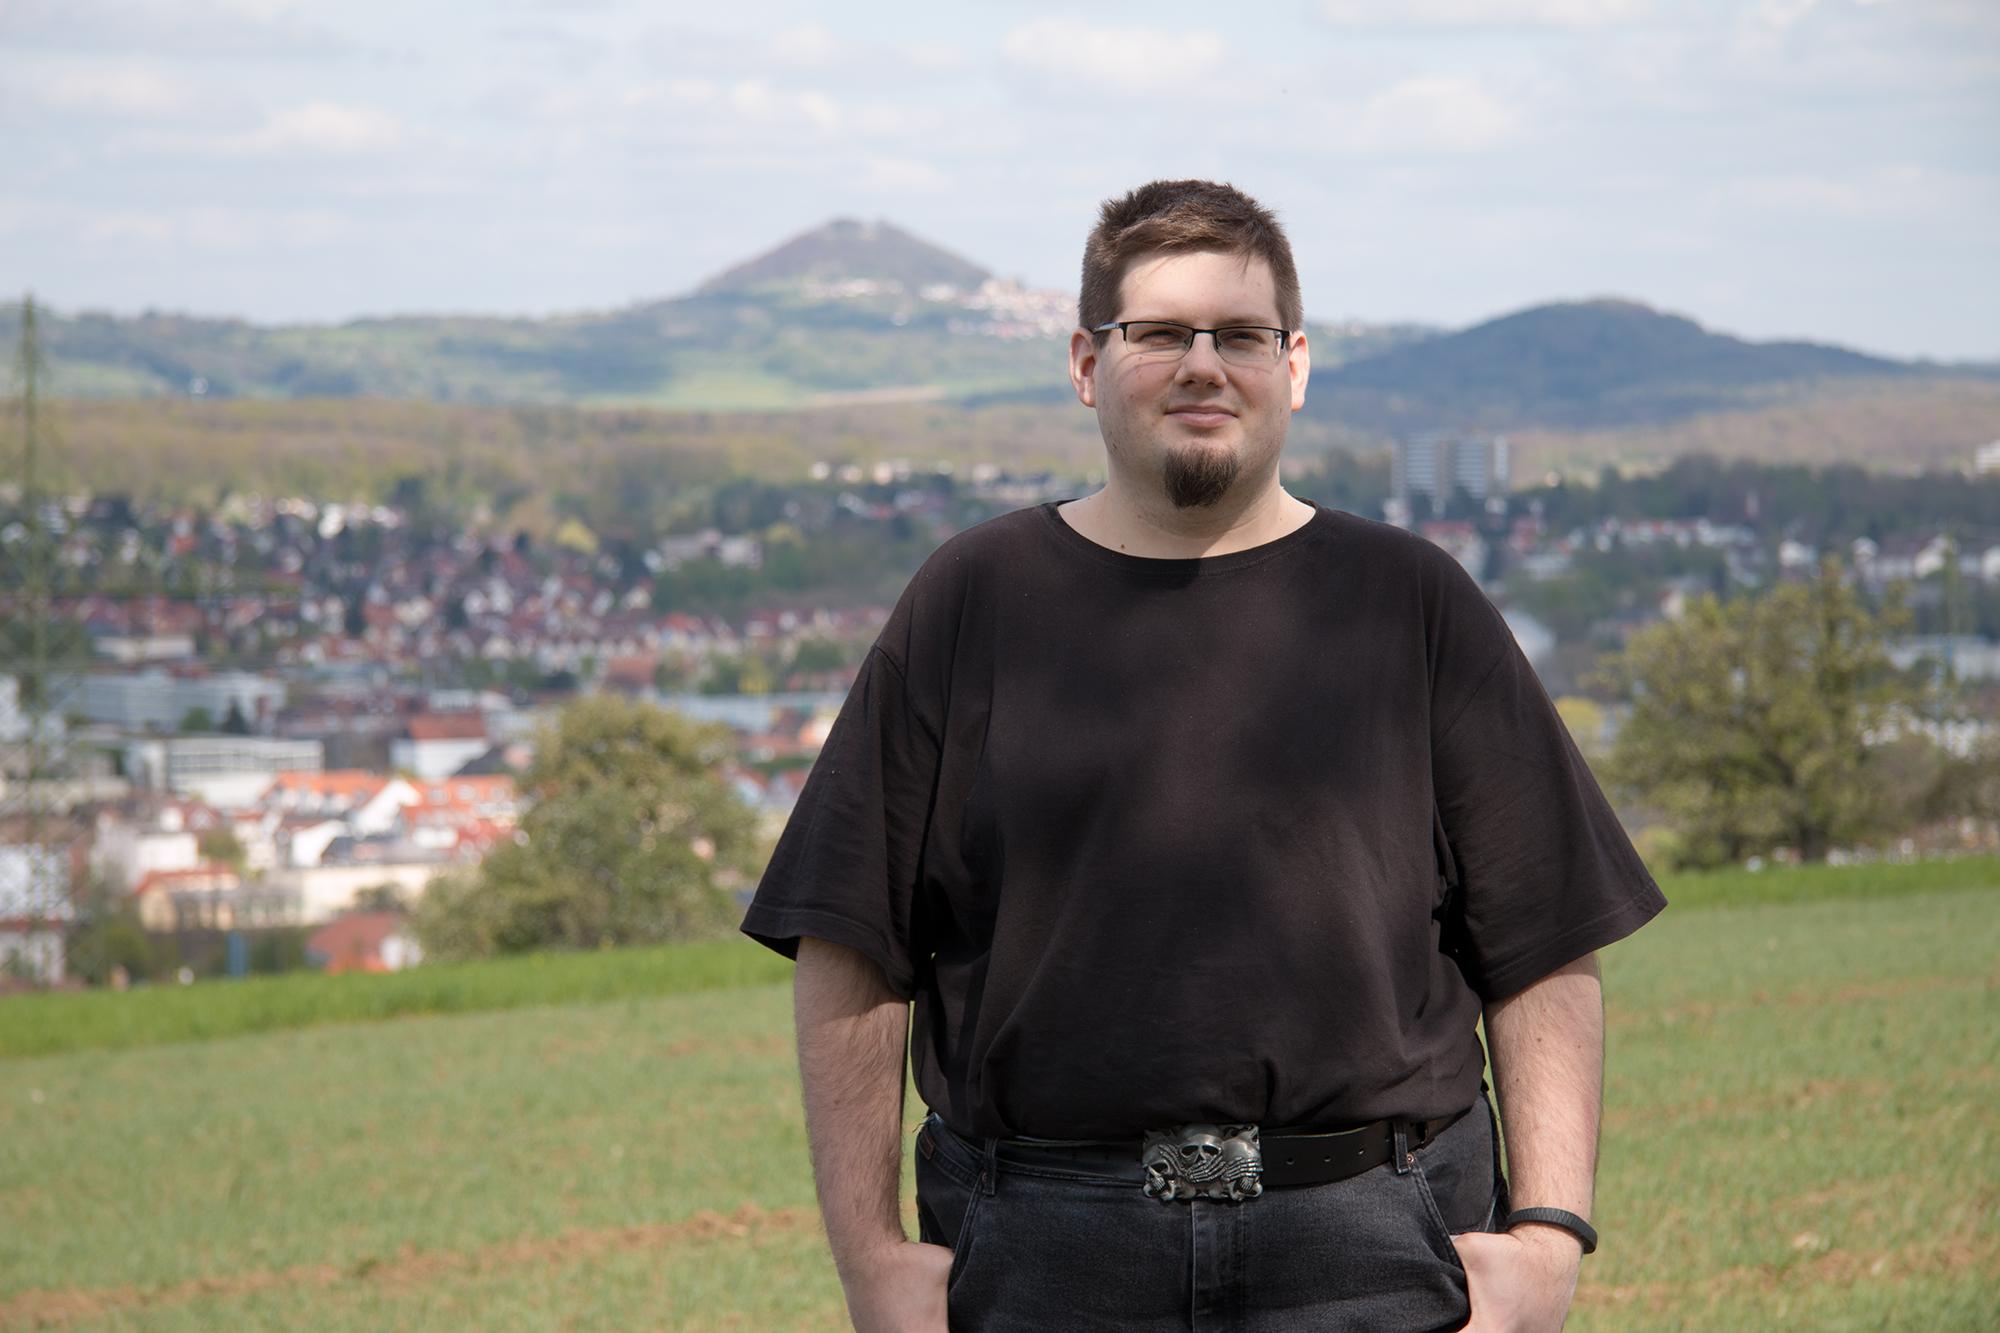 Rainer Bendig